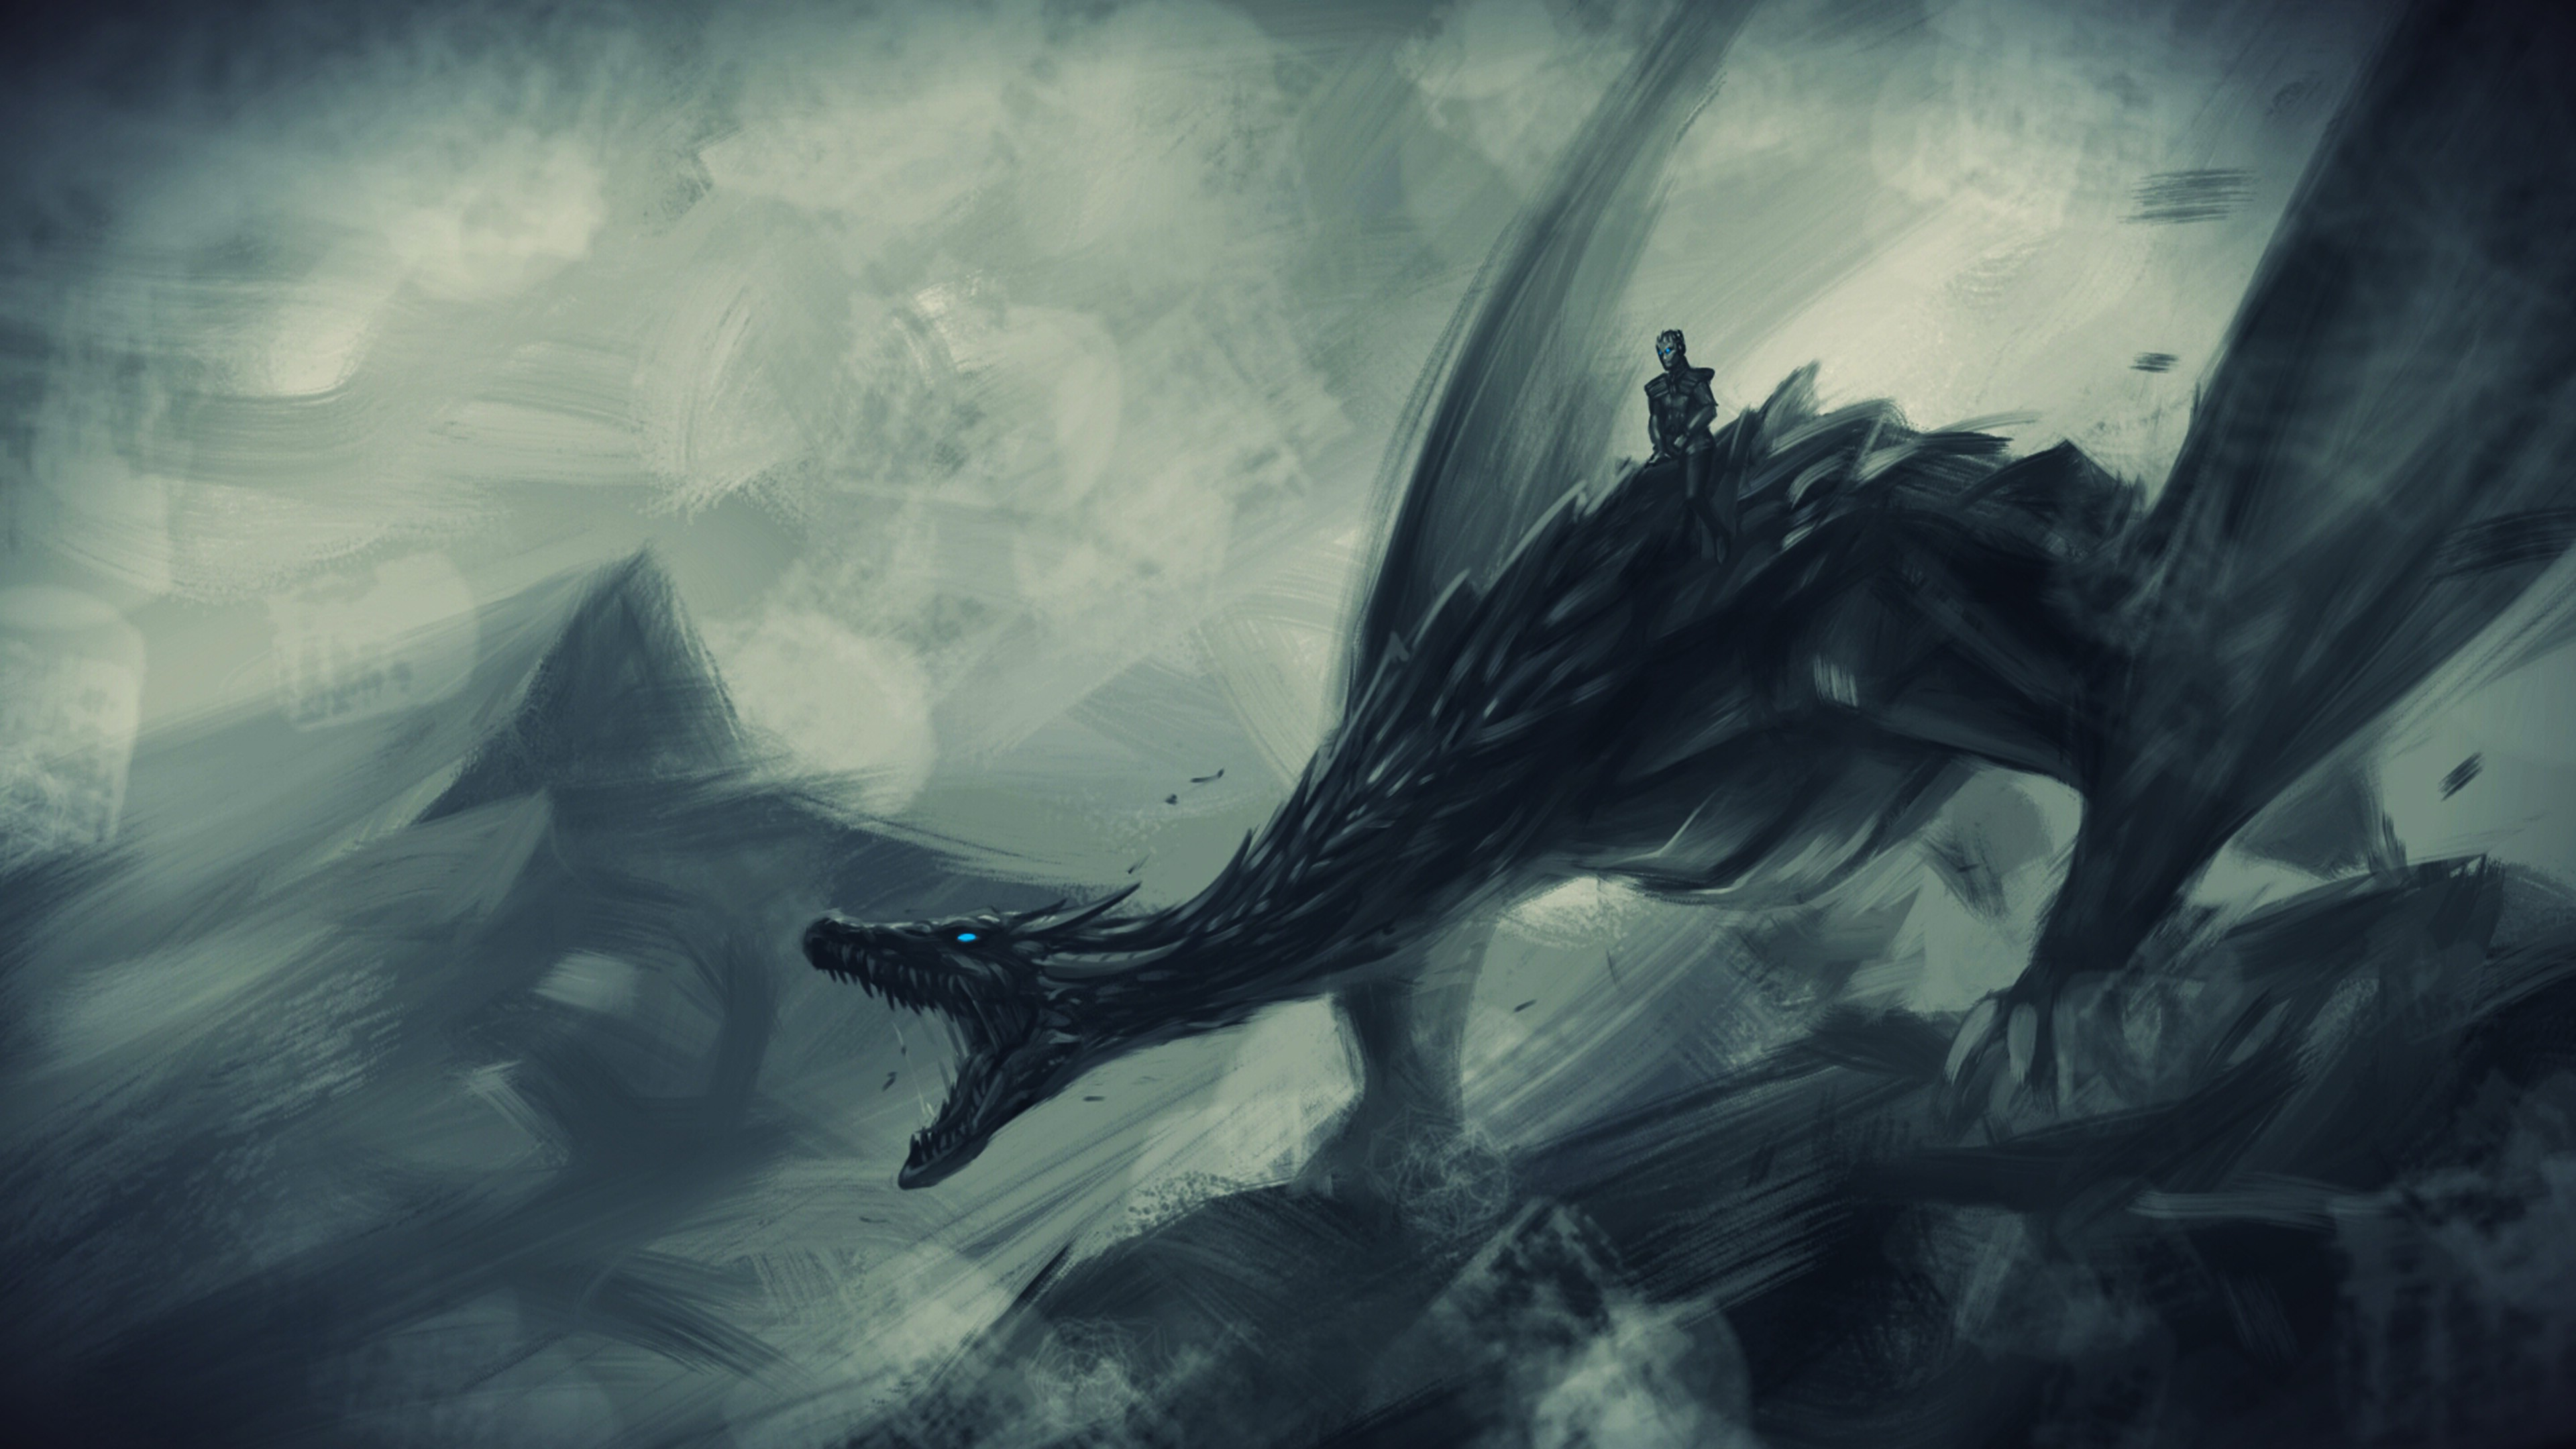 Ночь король езда на льду дракона игра престолов обои скачать